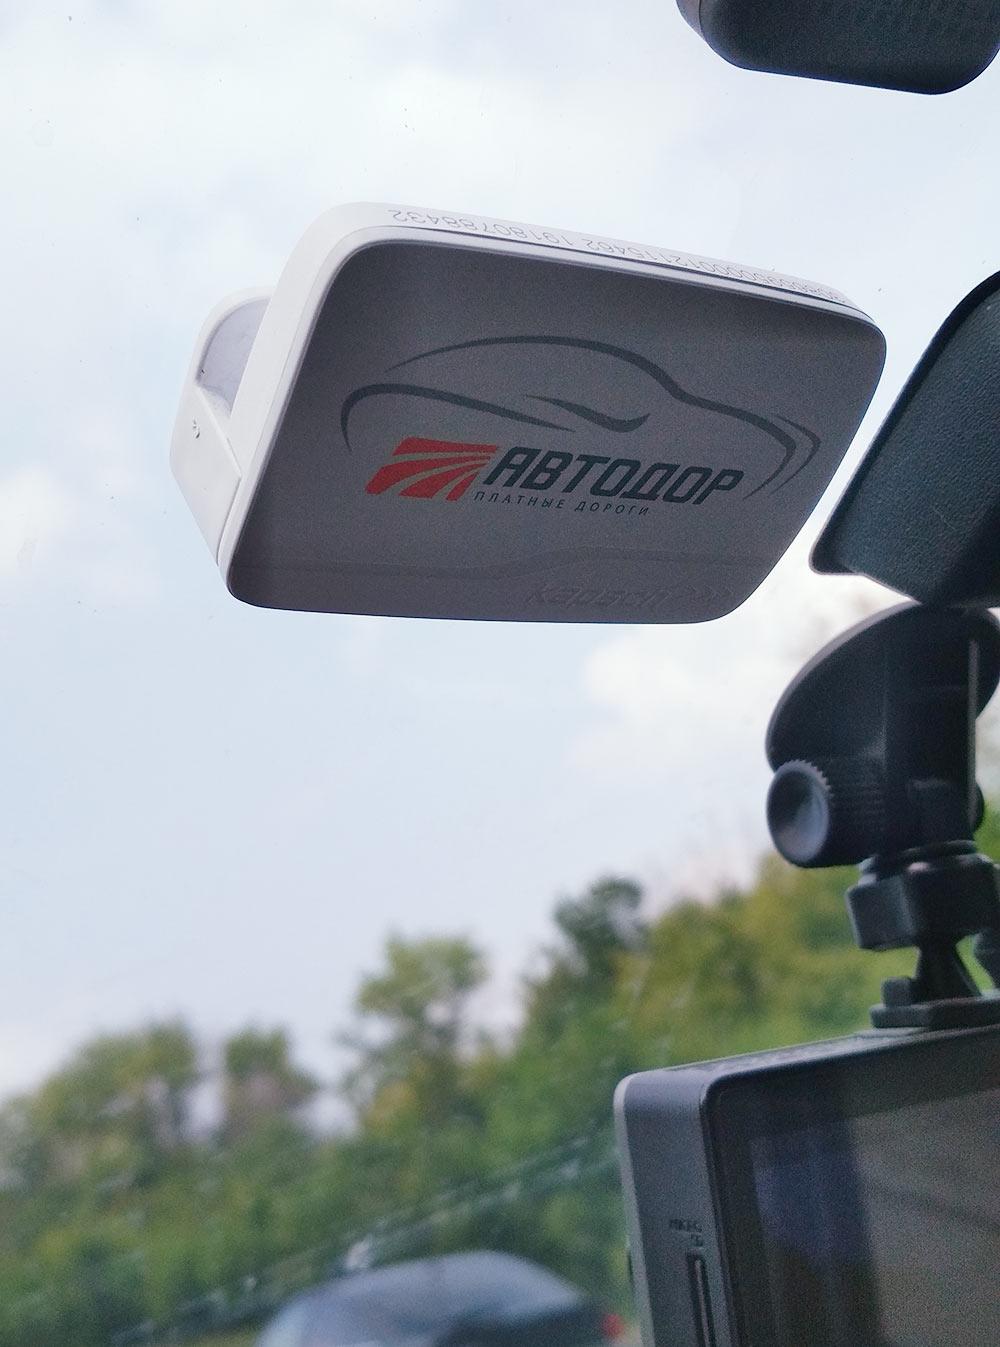 Так выглядит транспондер на лобовом стекле: белая коробочка с надписью «Автодор»